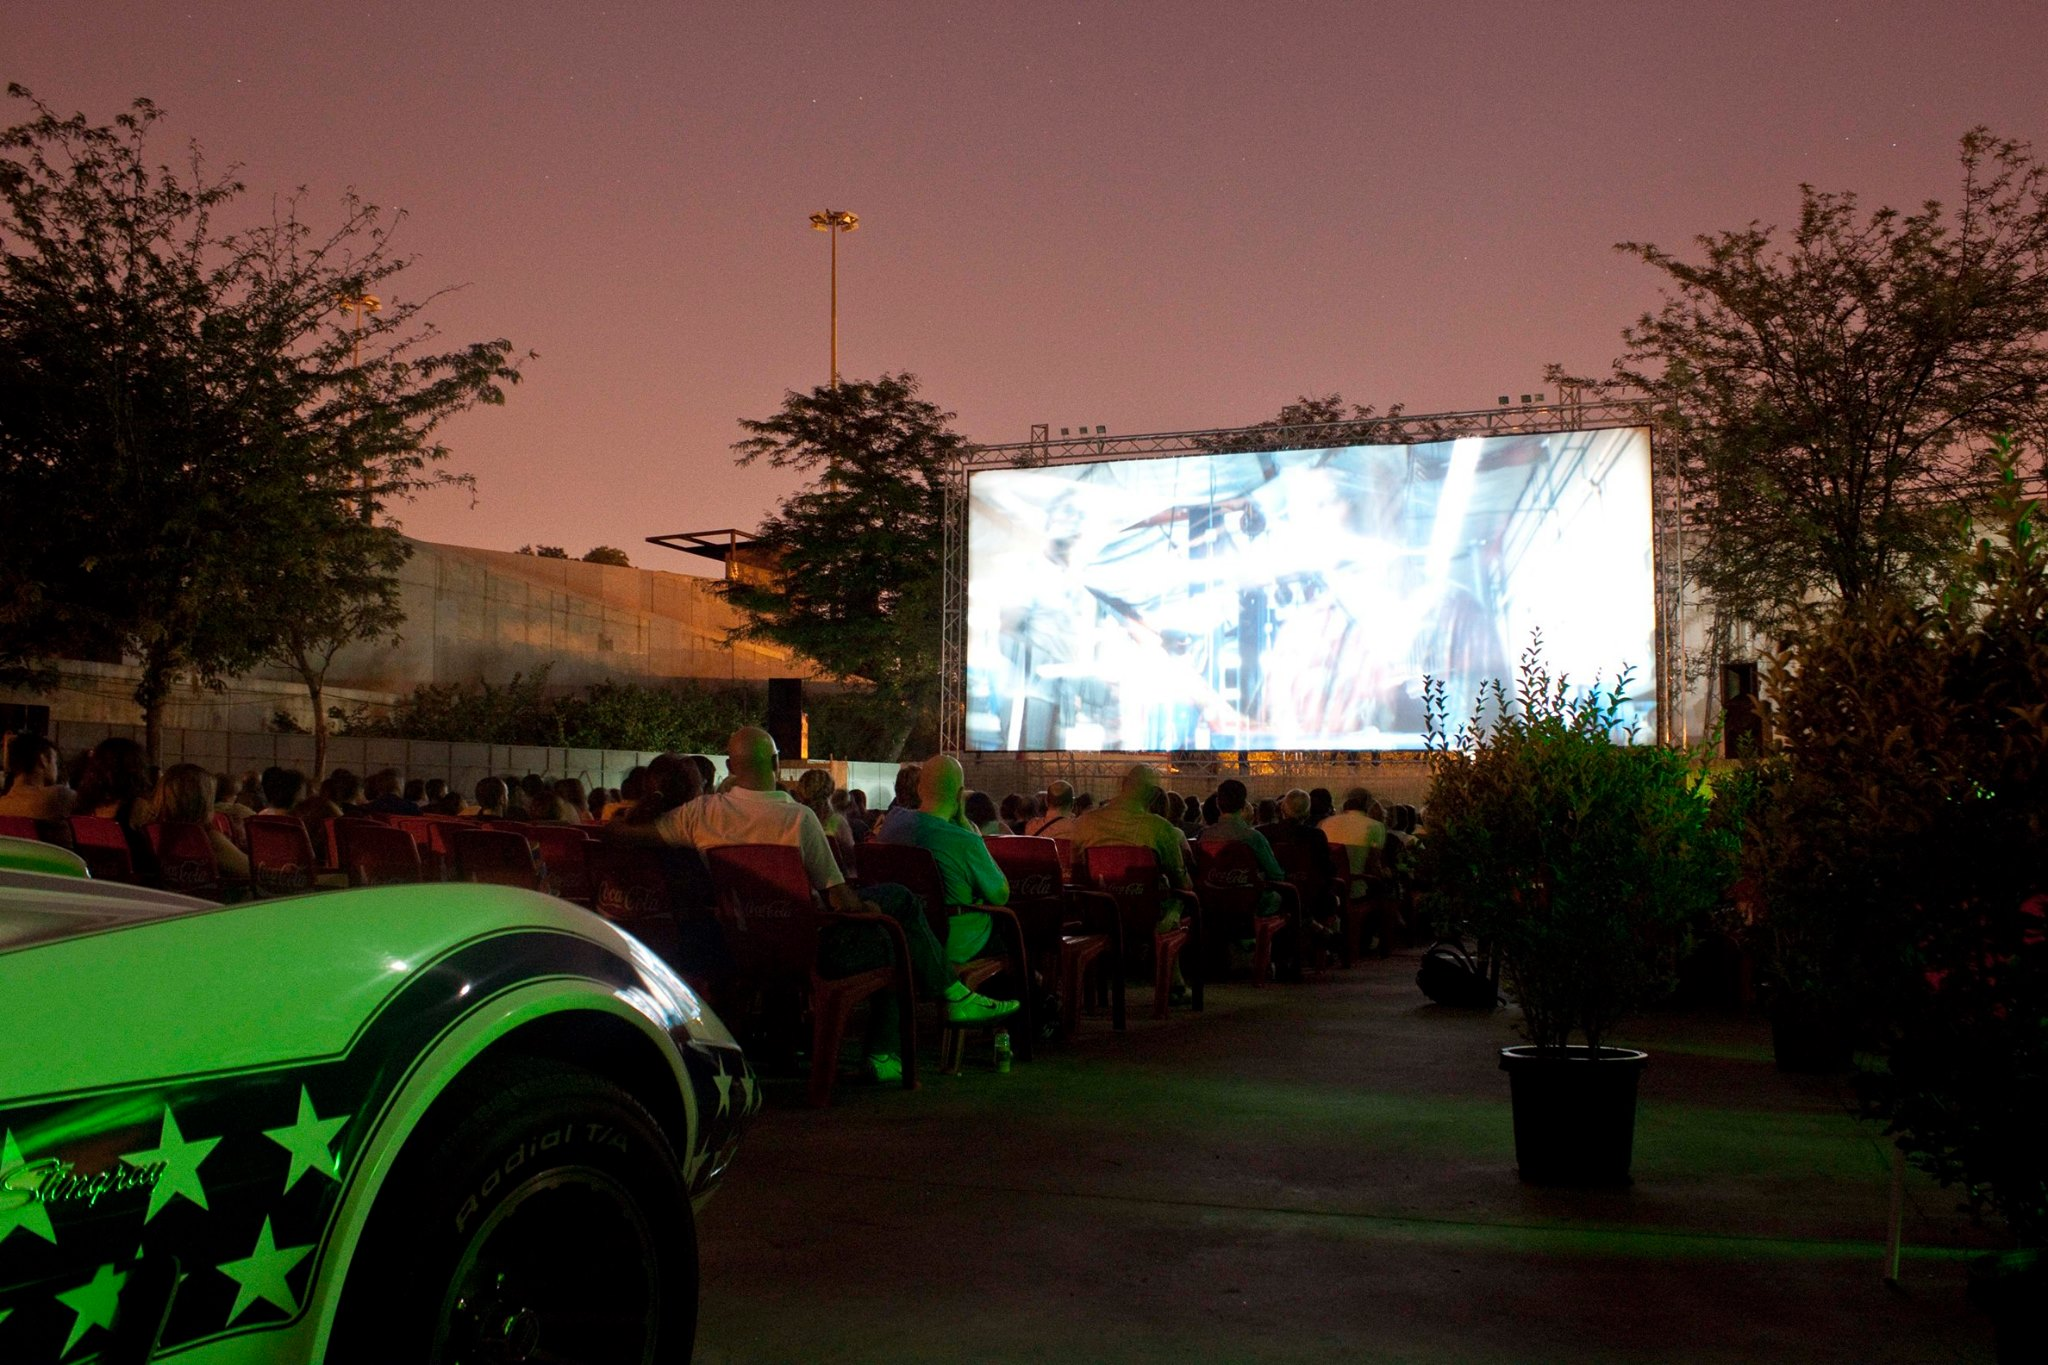 El clásico cine de verano de La Bombilla